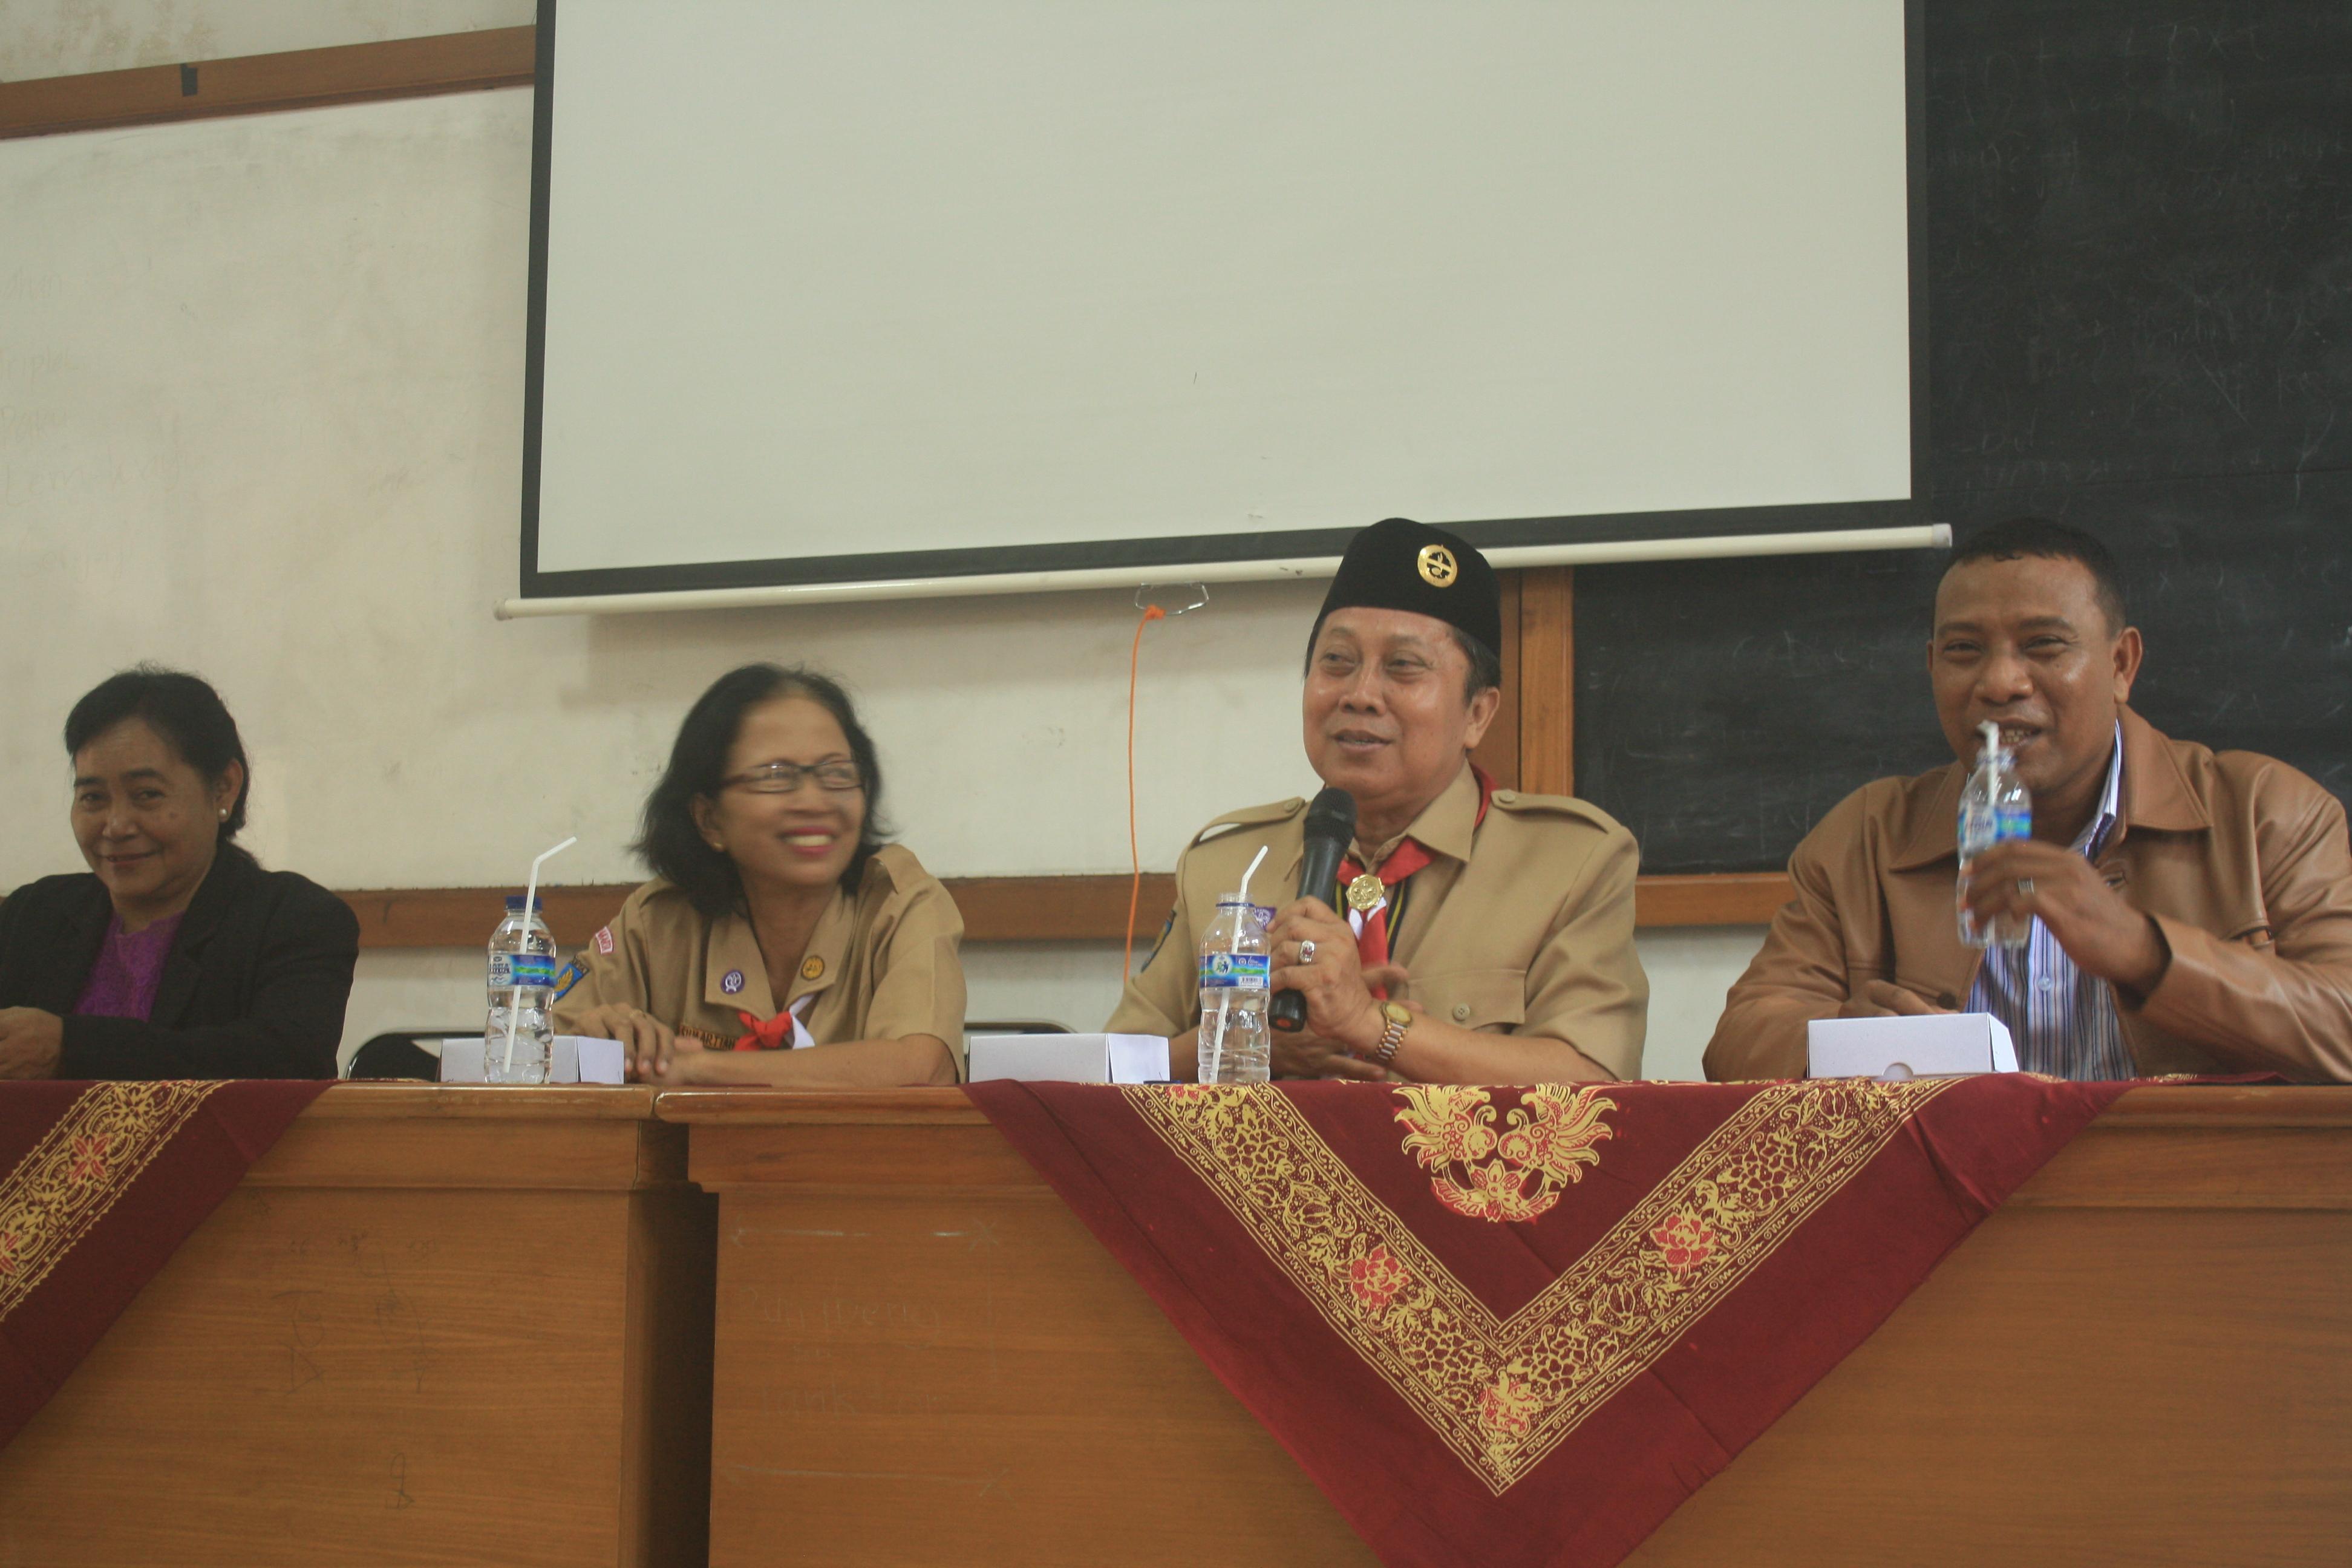 Kak Sutikno (dua dari kanan) mengisi kegiatan Muspan Radipkar ke-XXI bersama dengan kak Siti Sumartiah (dua dari kiri) dan Kak  Yohanes (kanan) | Foto:Rion